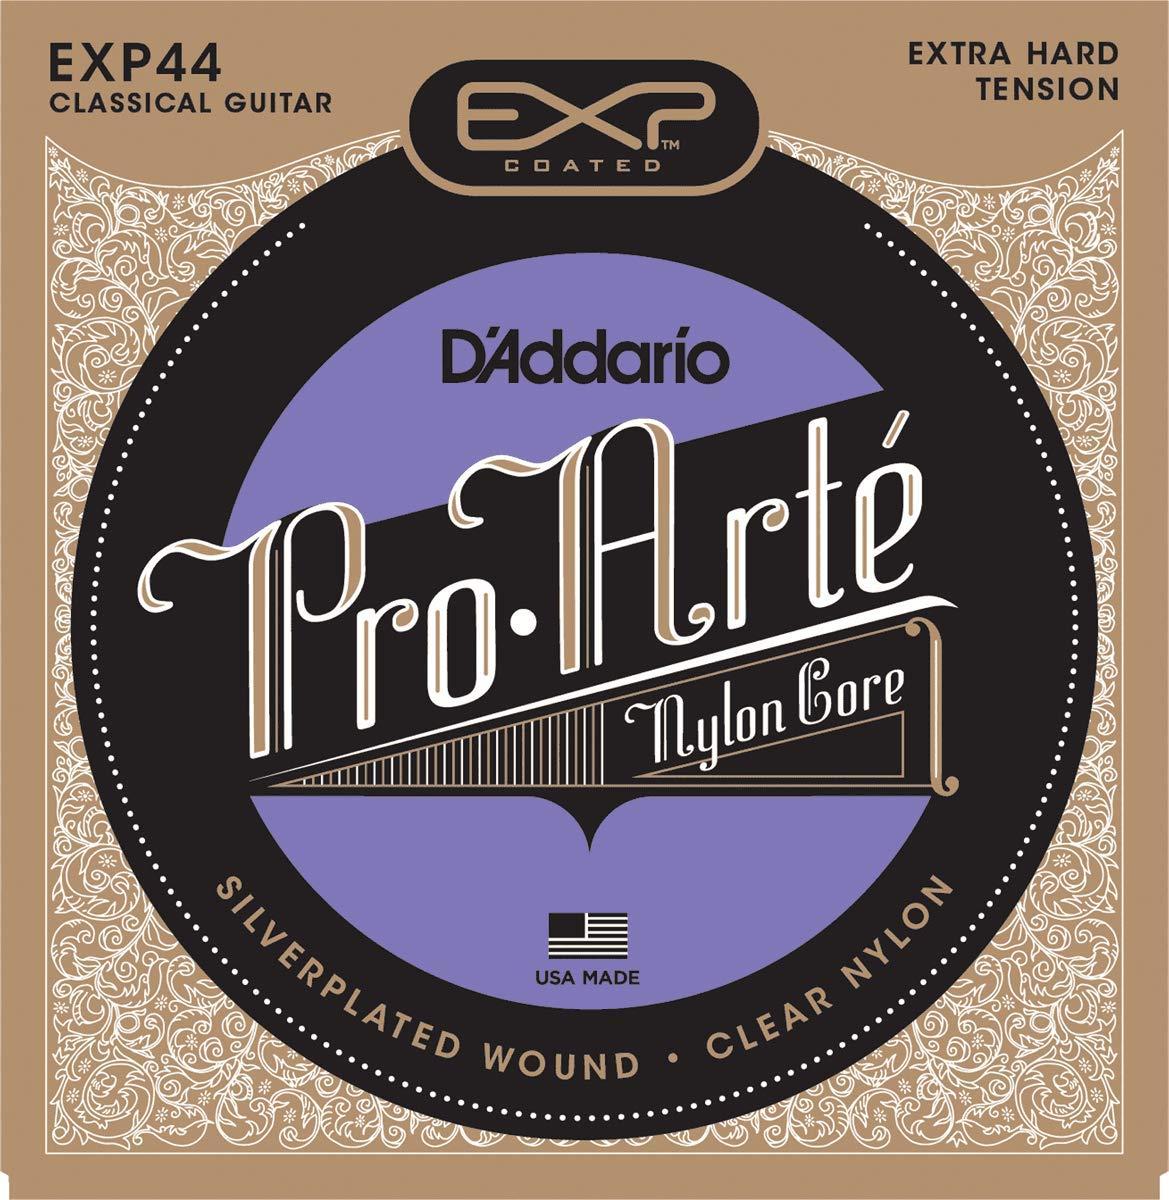 DAddario EXP44 - Juego de Cuerdas para Guitarra Acústica y Guitarra Clásica.029